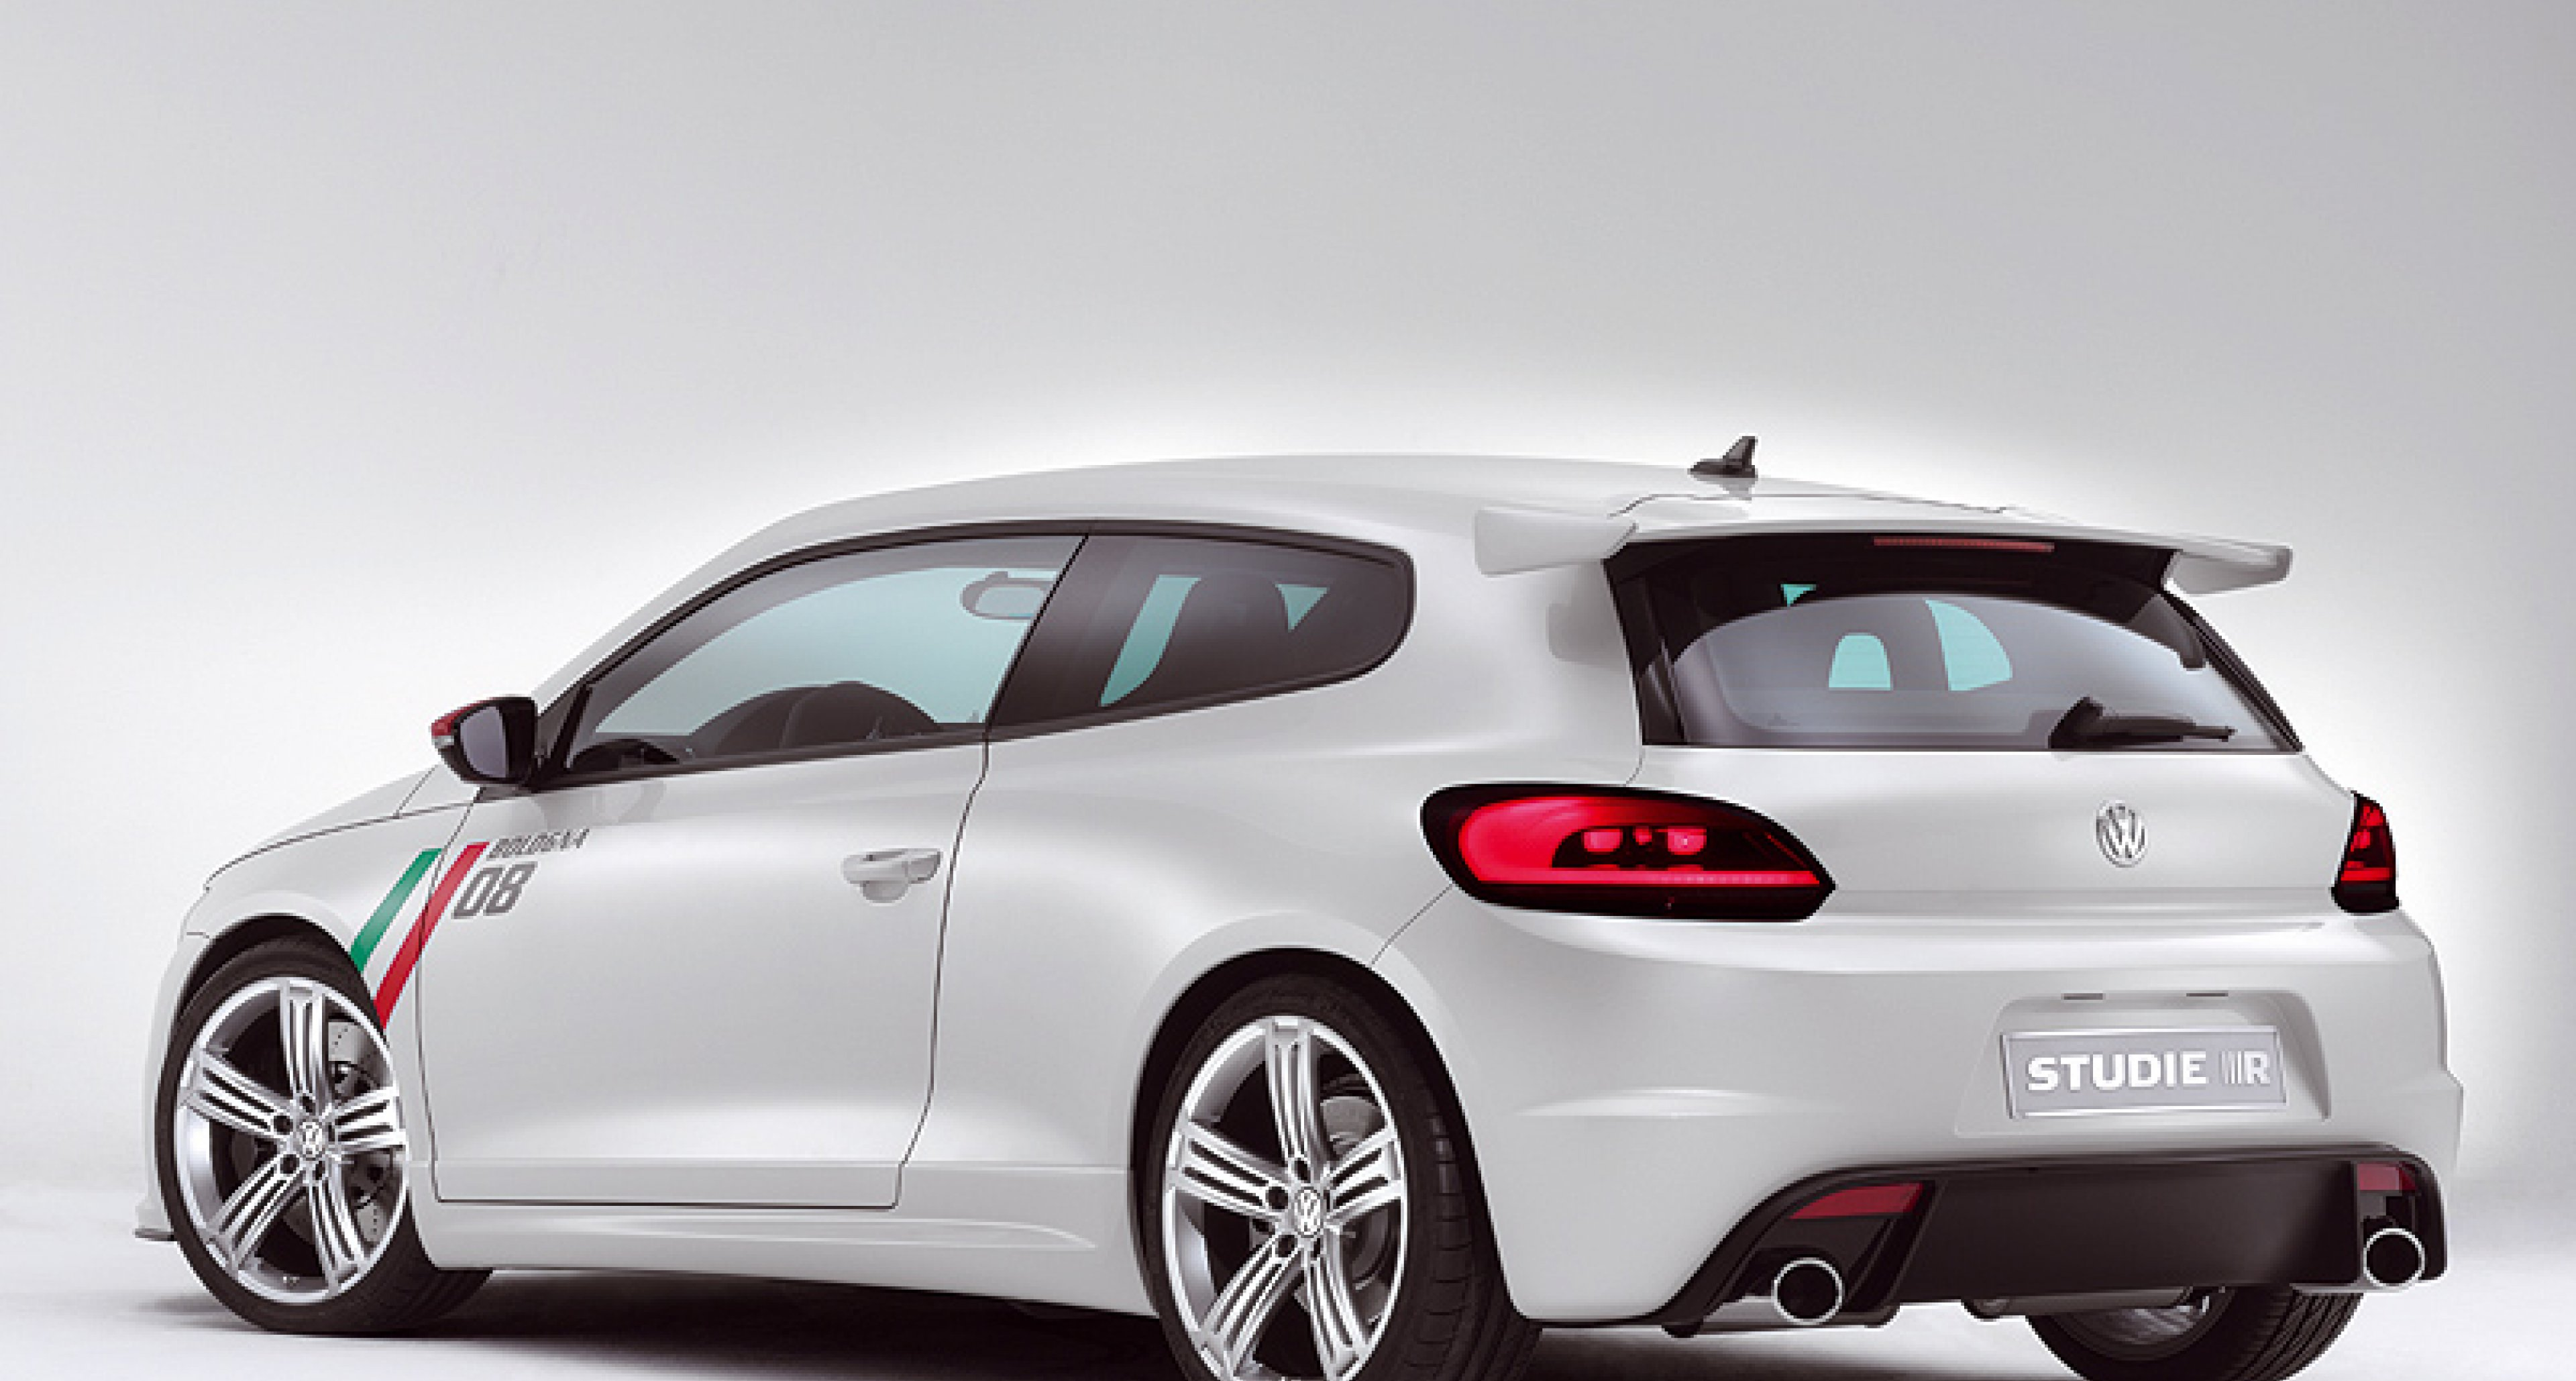 VW Scirocco Studie R: Rocco und seine Brüder